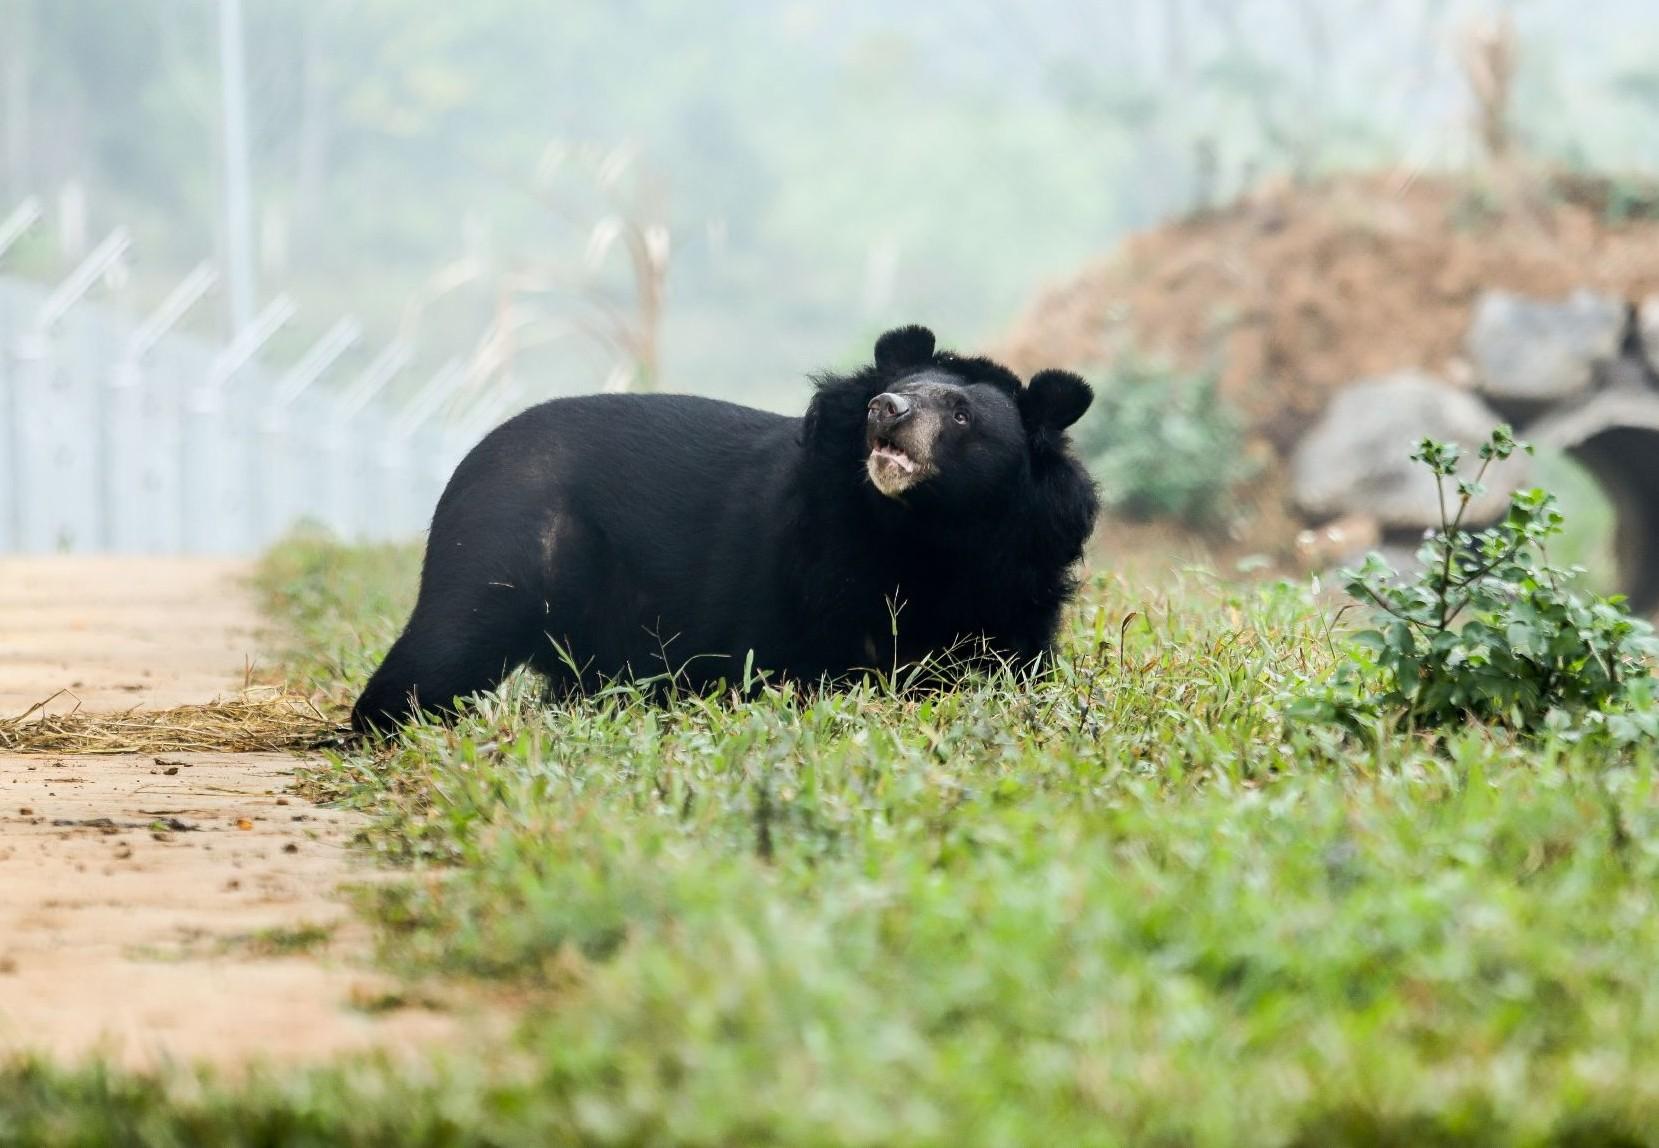 Bear Nhi Nho (Hai Chan)